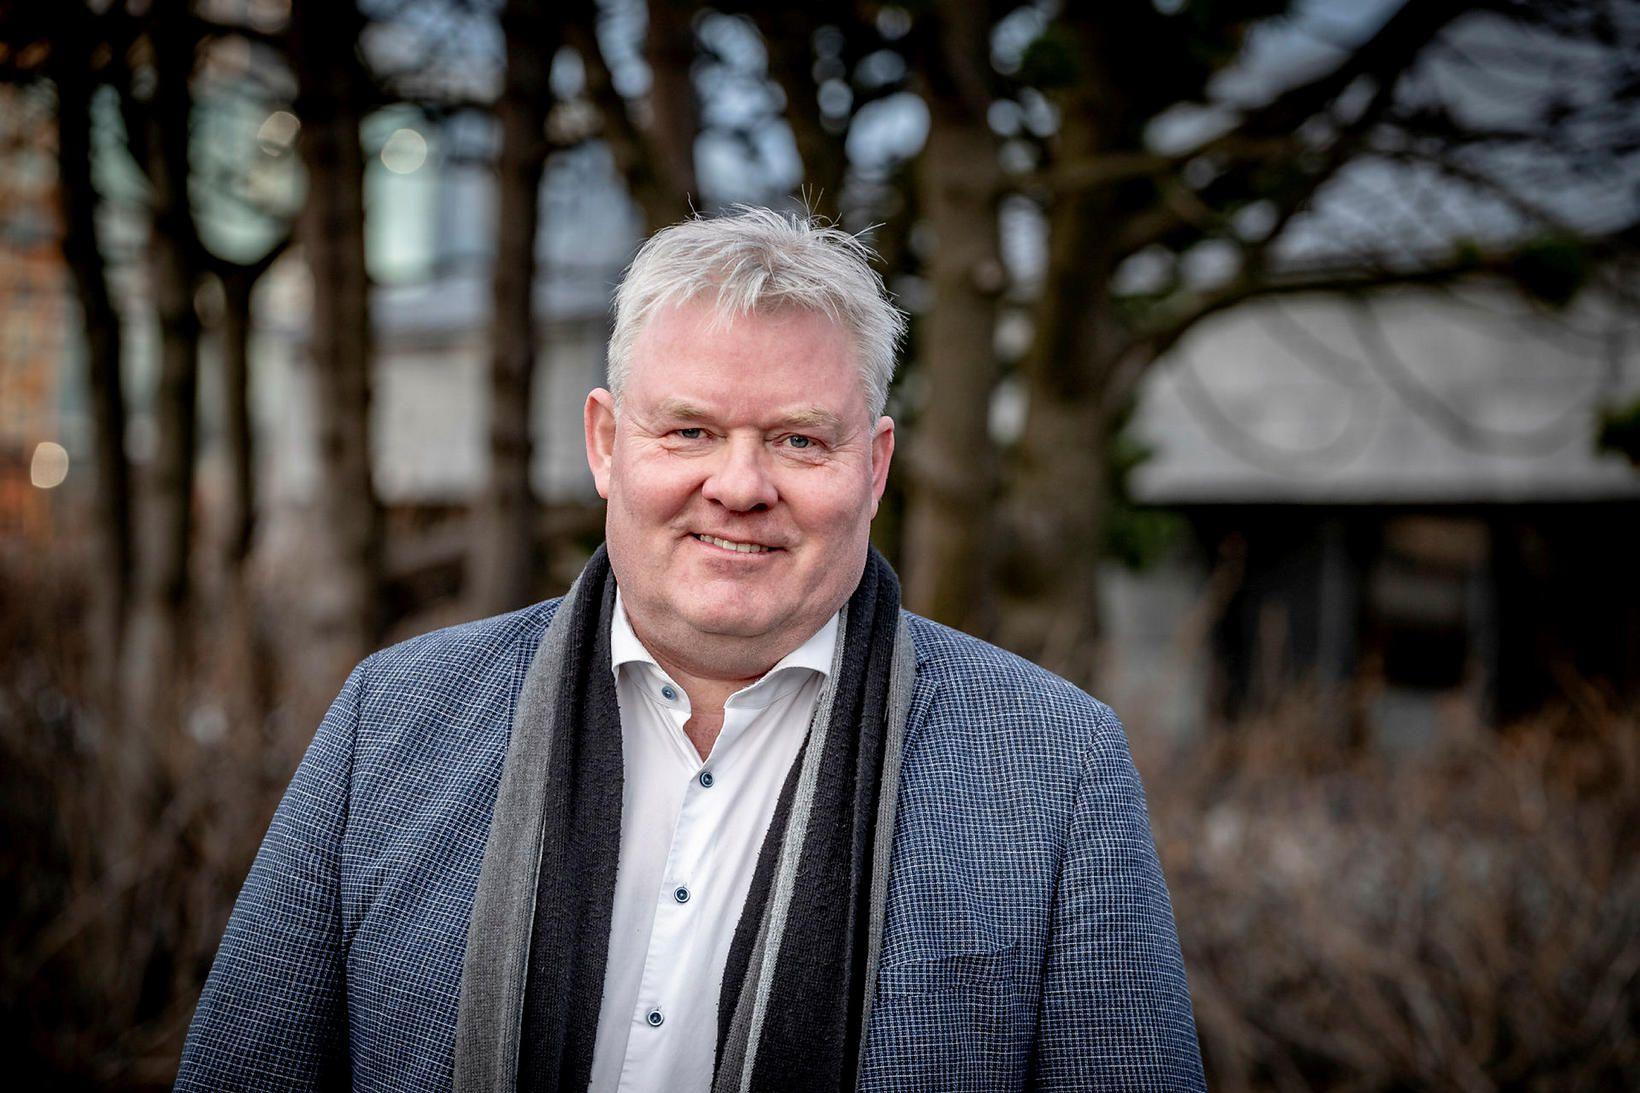 Sigurður Ingi Jóhannsson, samgöngu- og sveitarstjórnarráðherra, er fylgjandi því að …